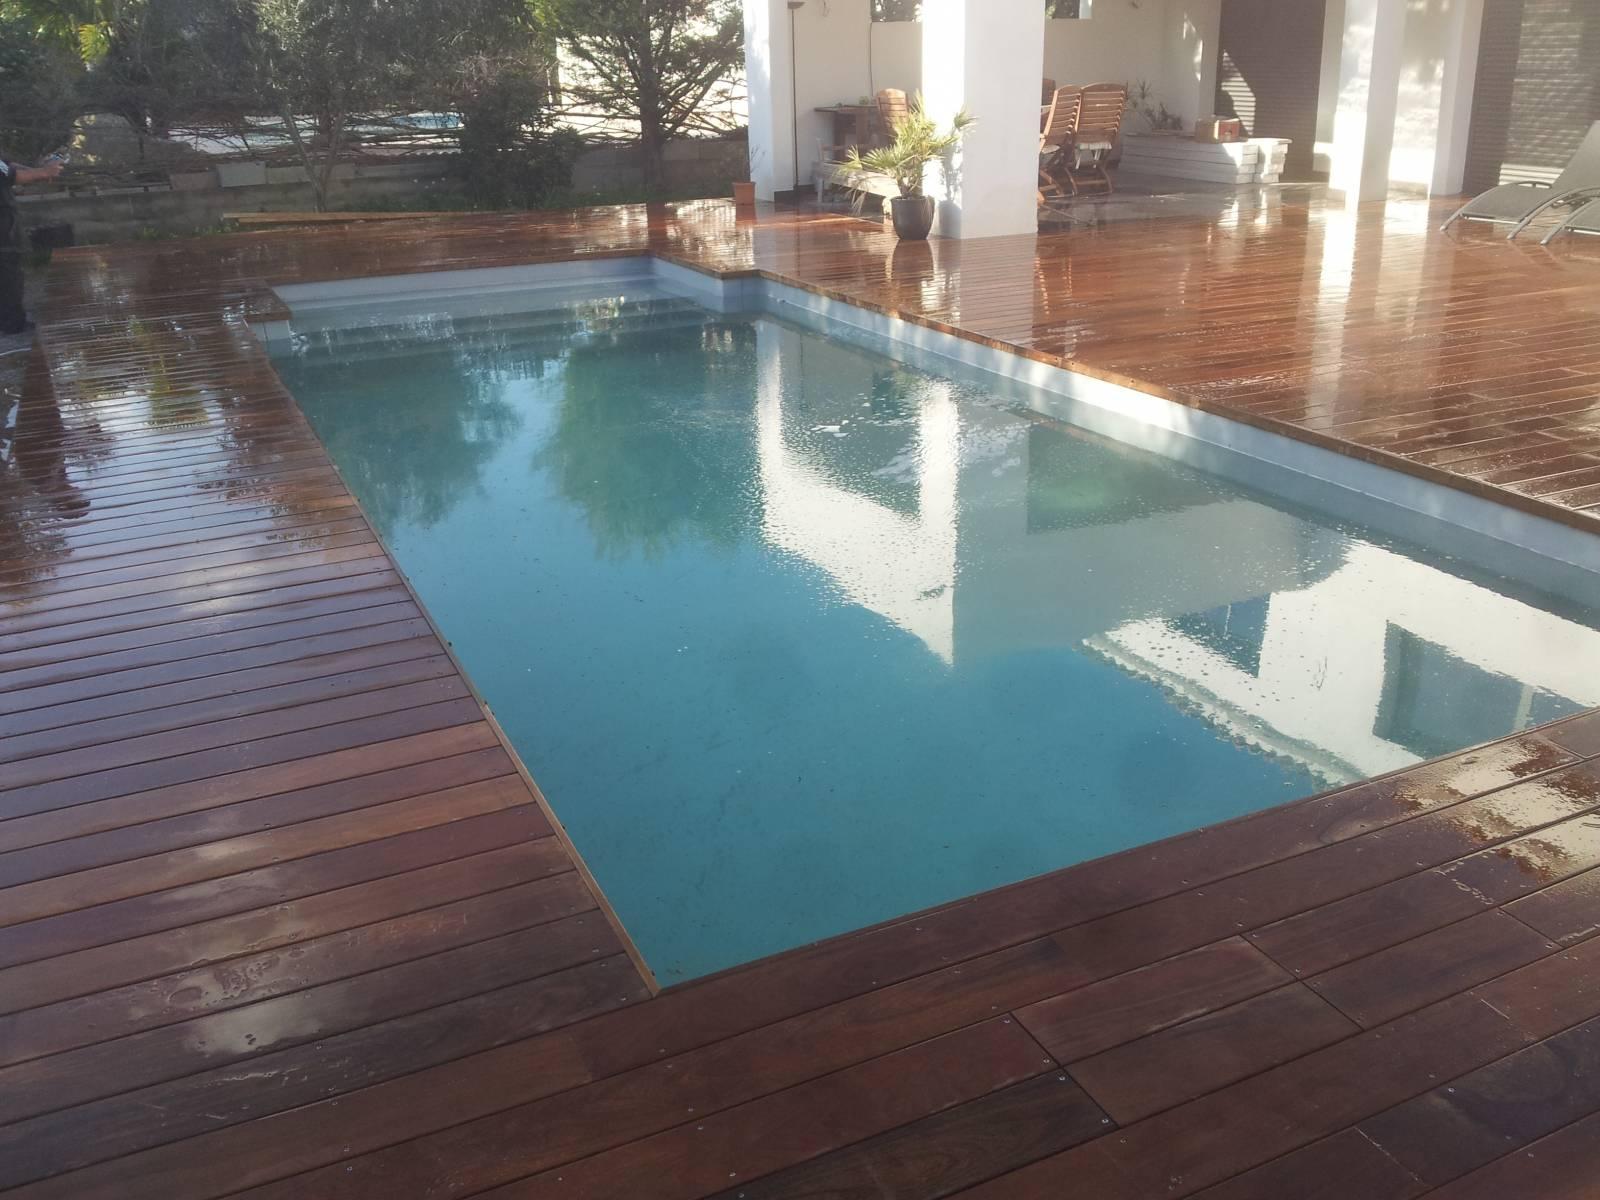 Cr ation terrasse bois autour d 39 une piscine marseille for Entretien piscine marseille